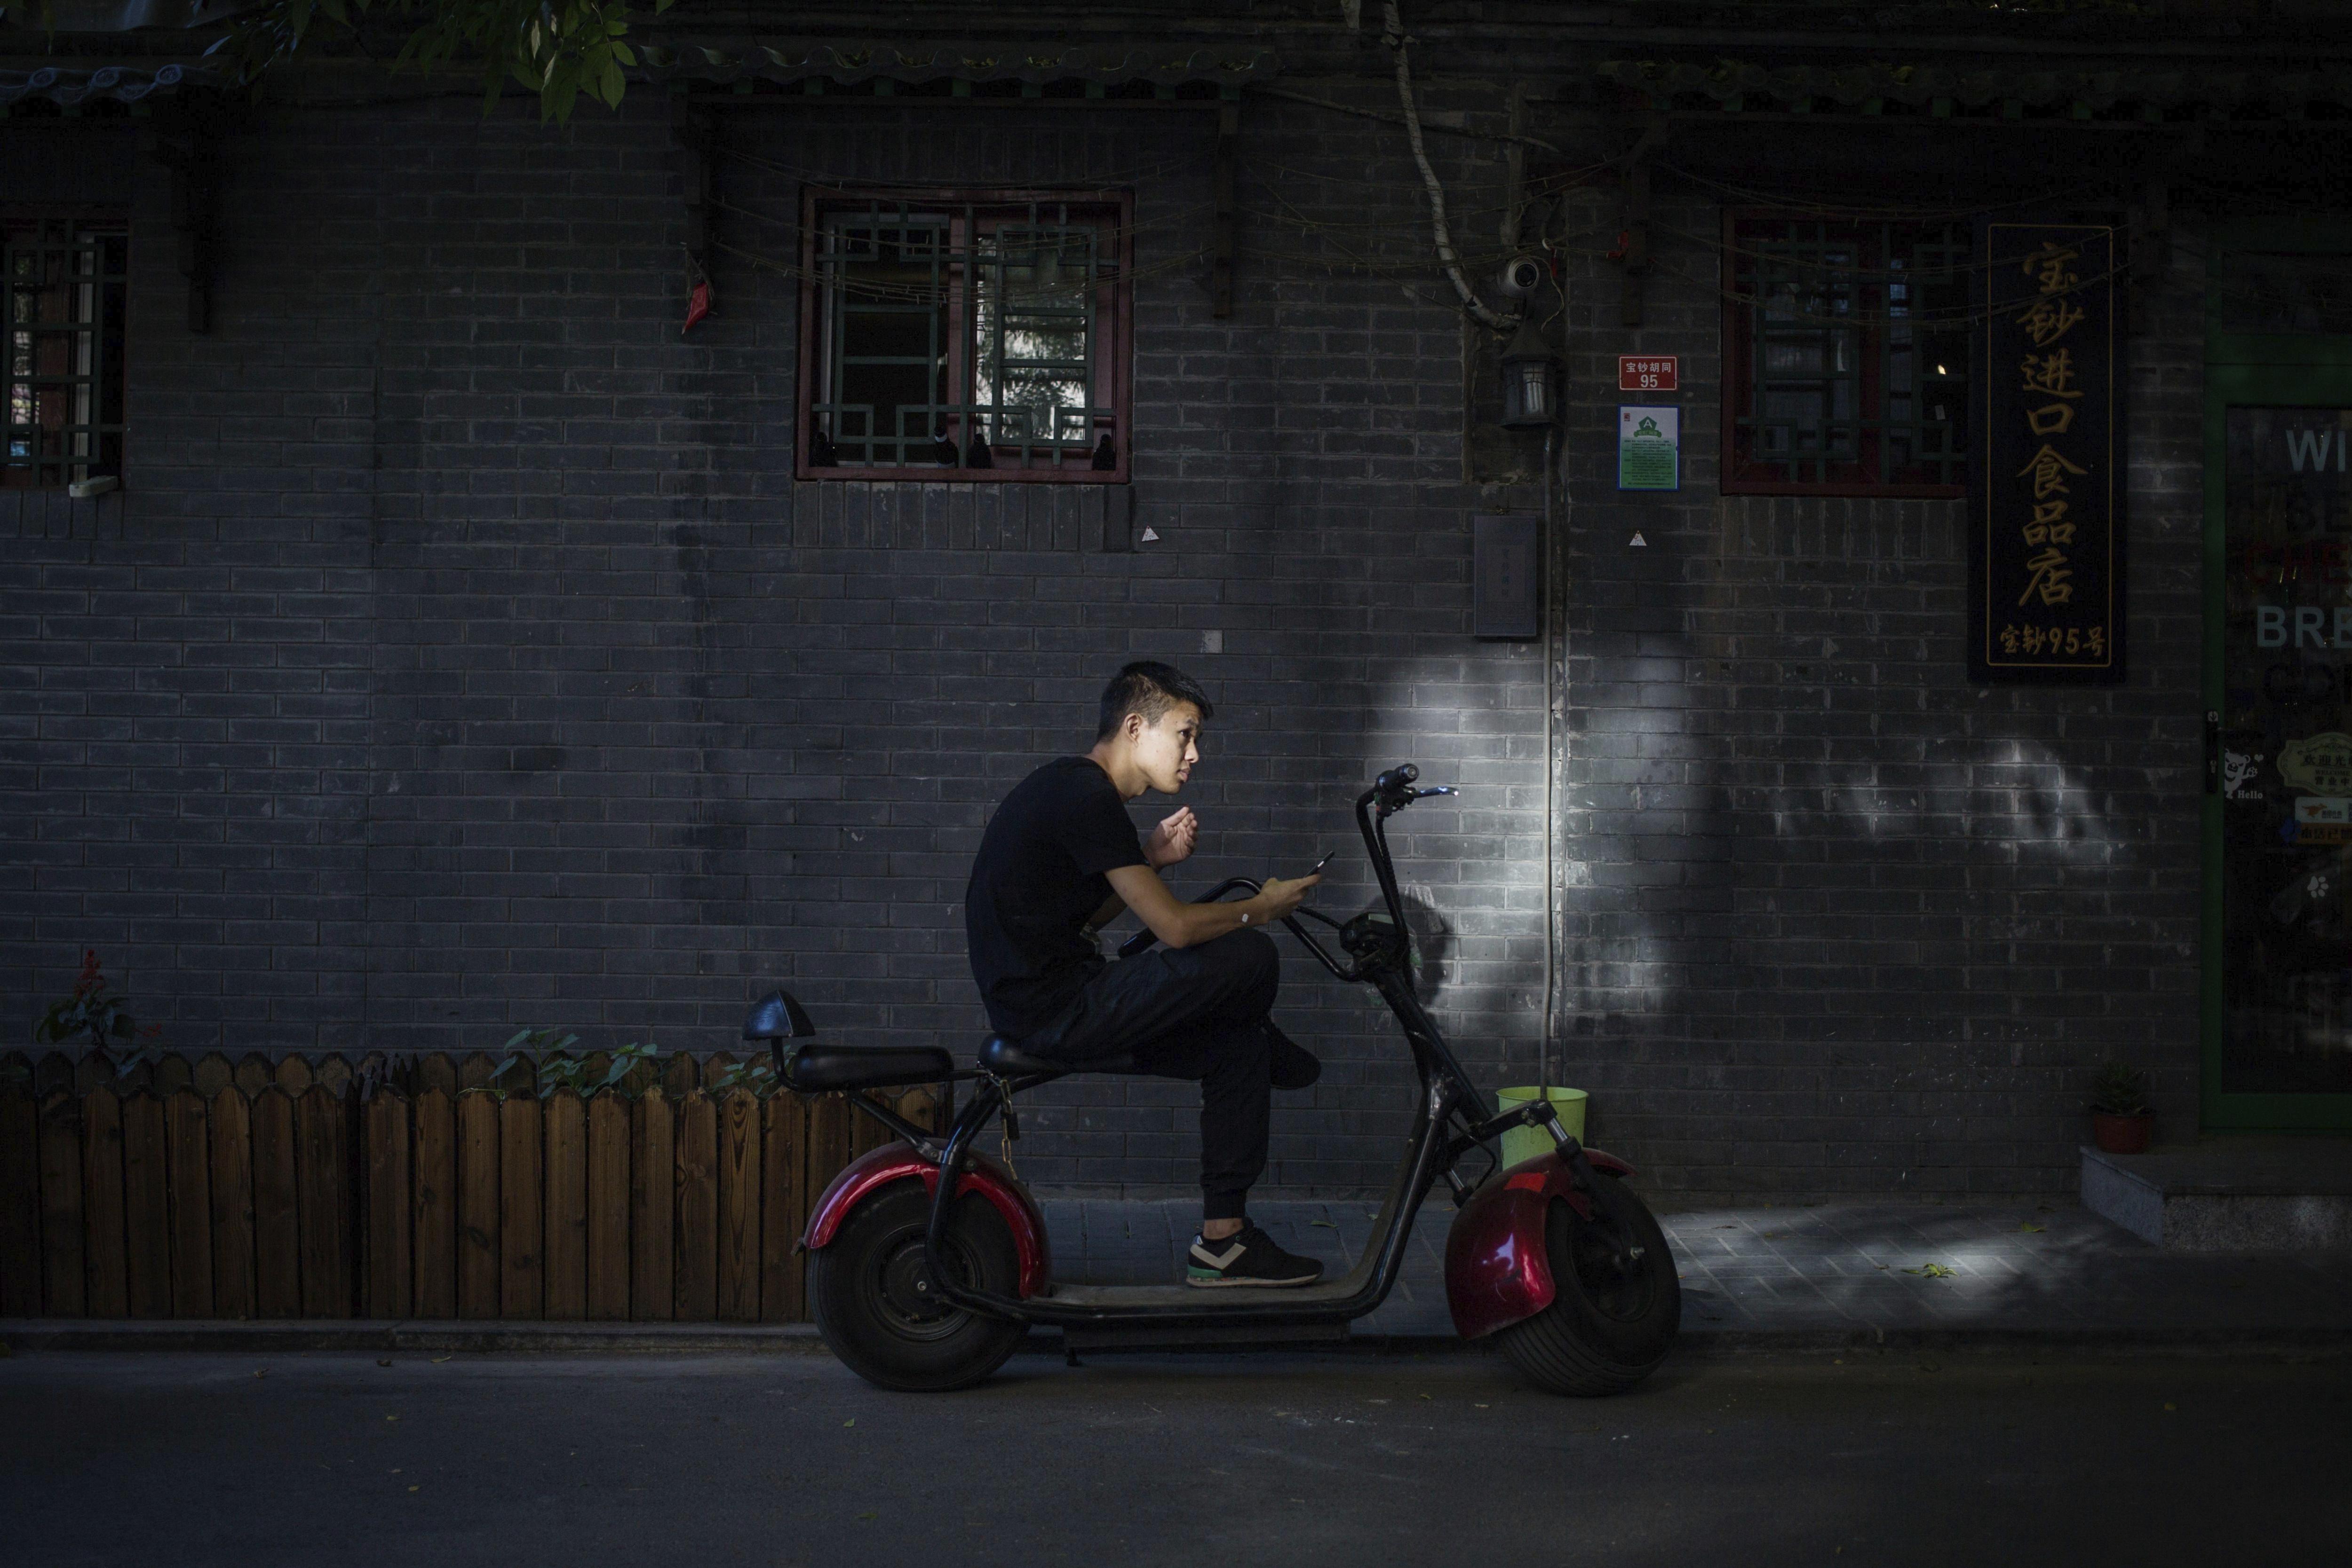 Un home en motocicleta a Pequín (Xina). /ROMAN PILIPEY